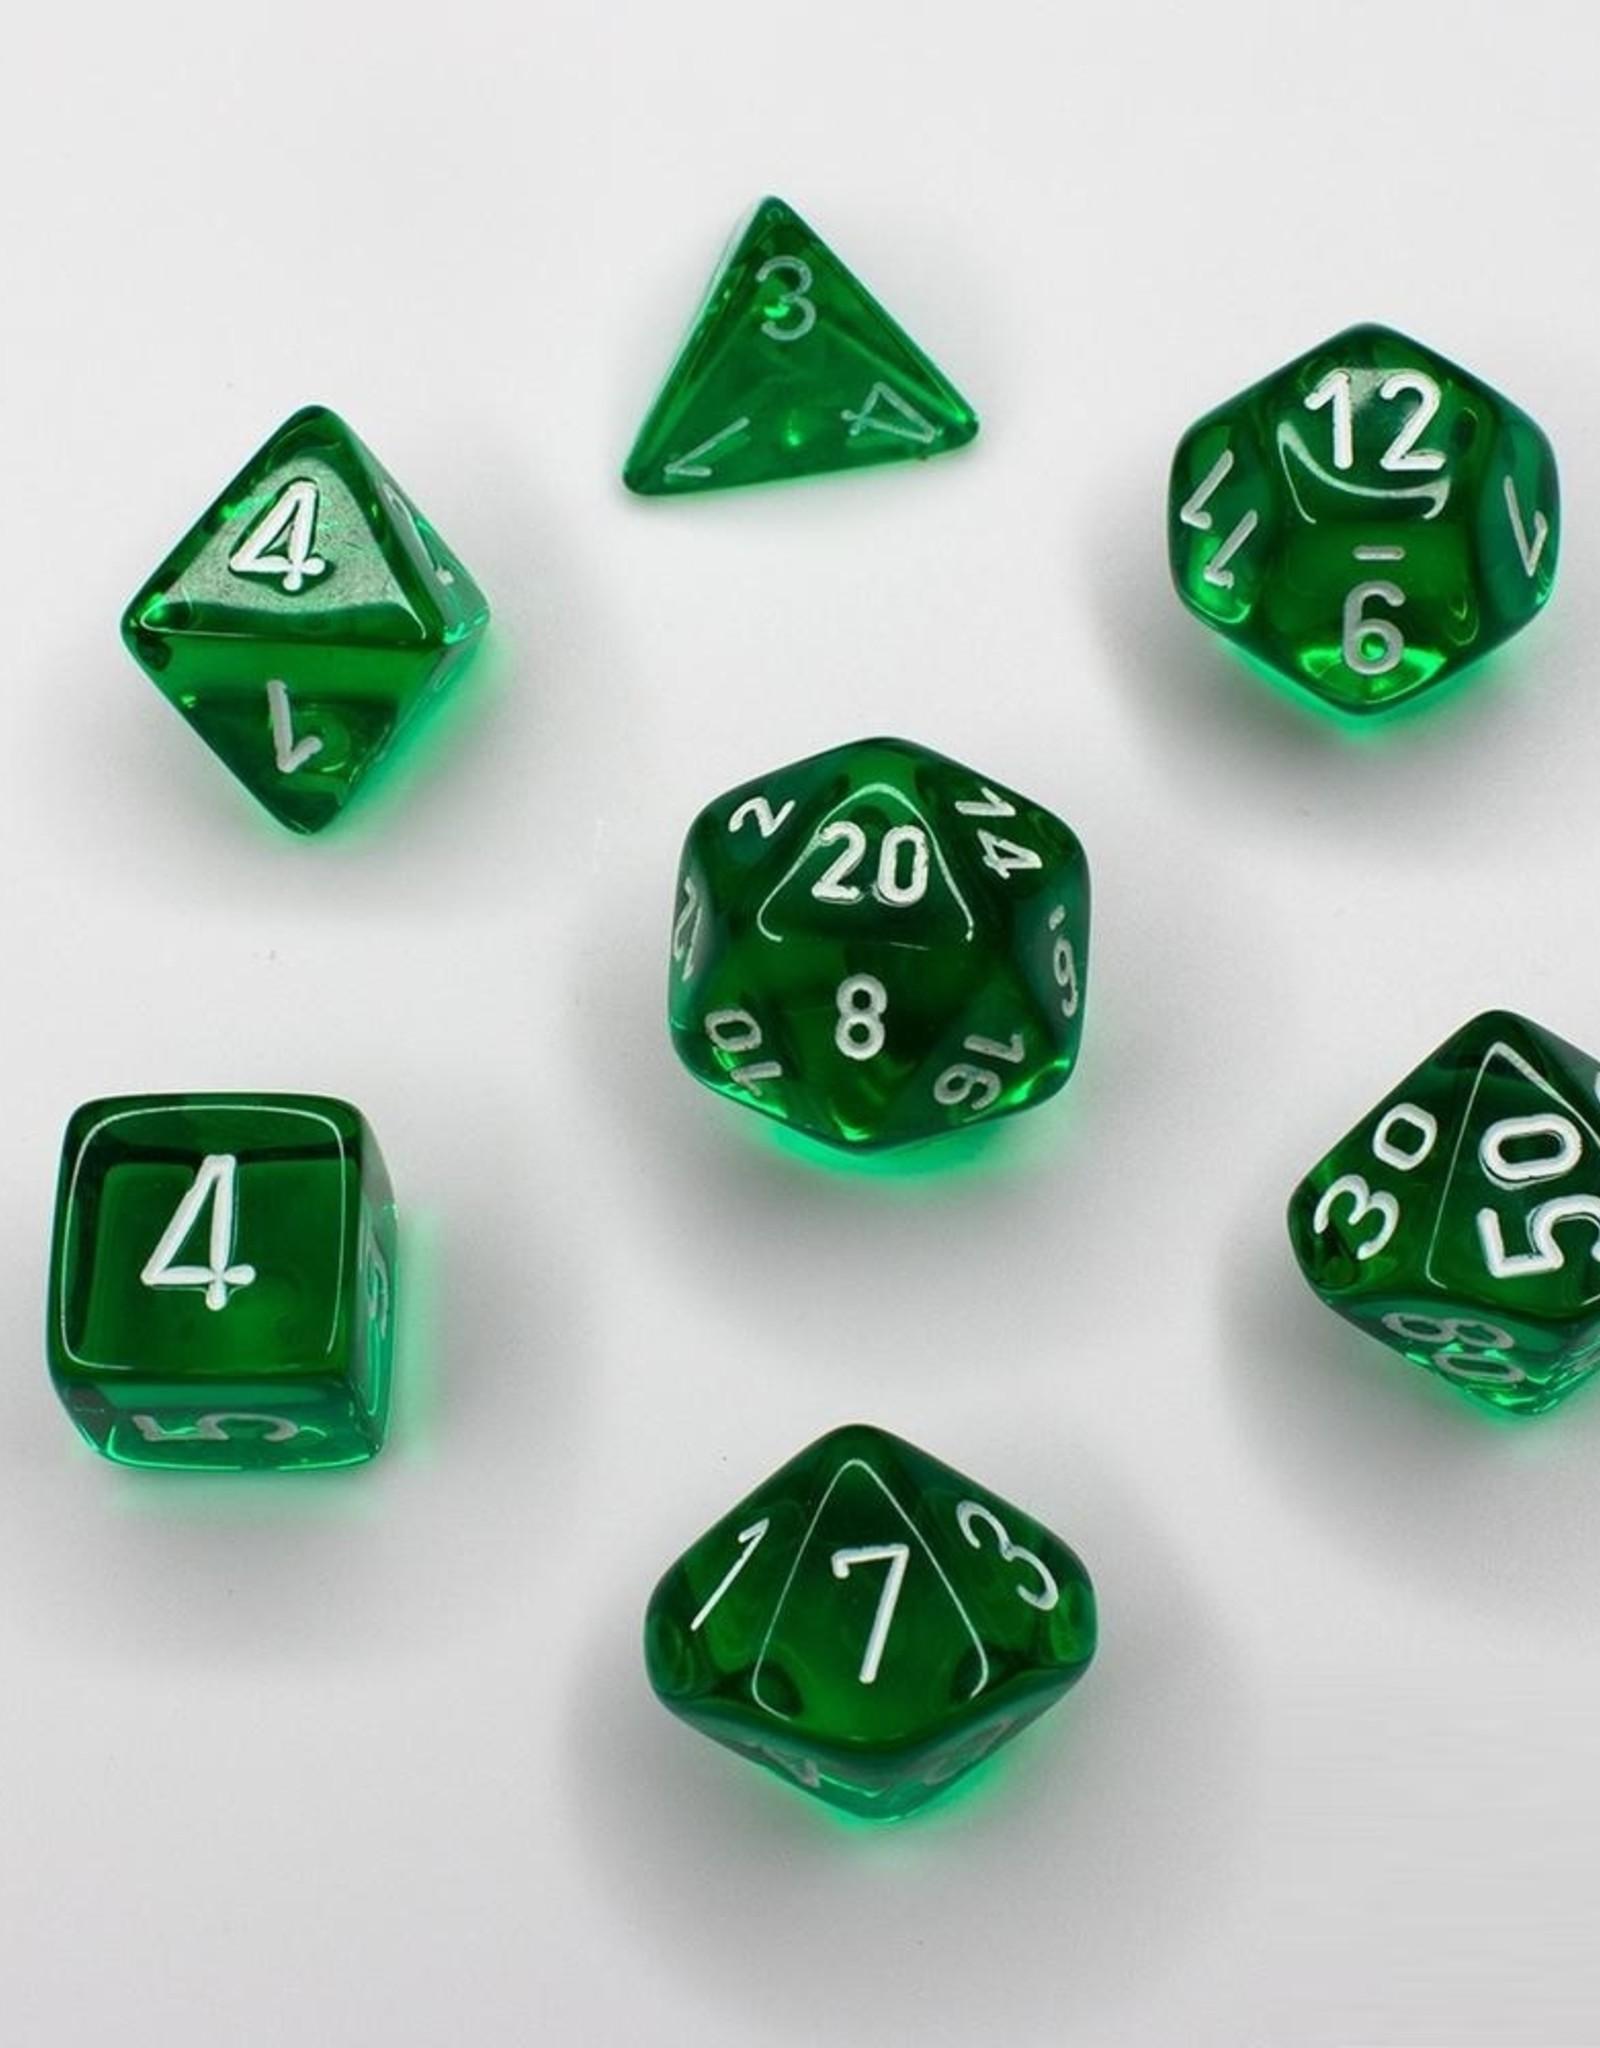 Chessex Chessex 7-Die set Translucent - Green/White